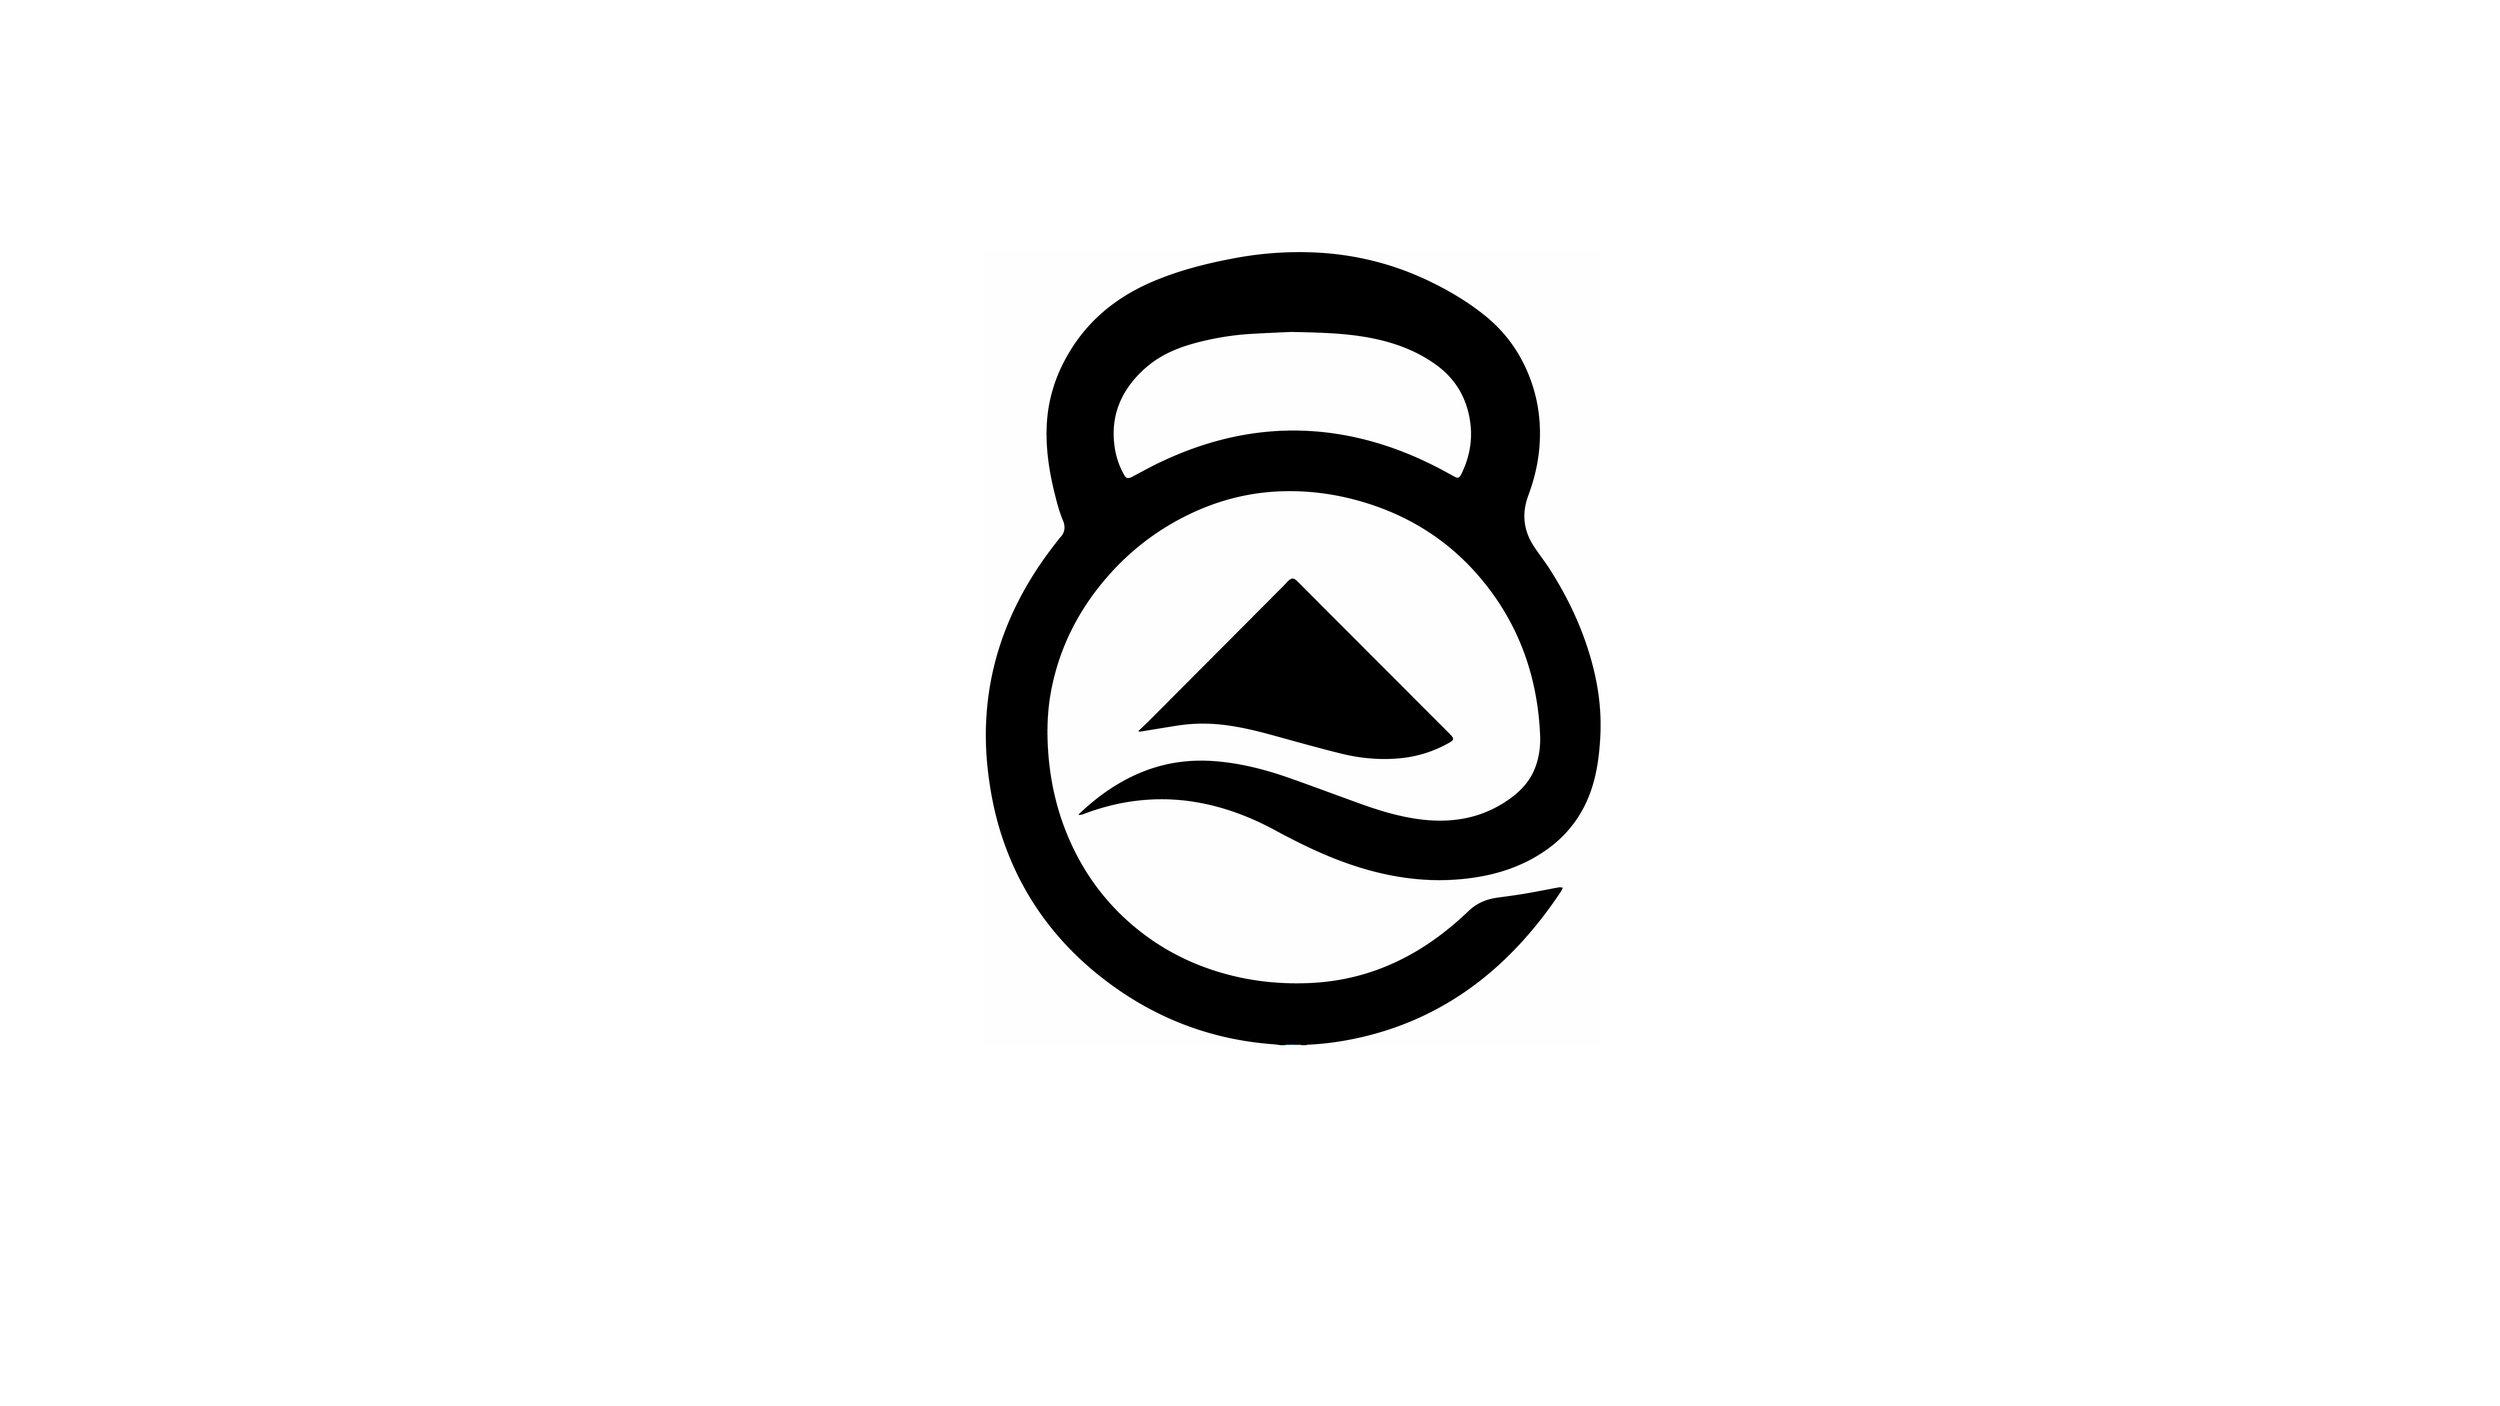 Brandmarks-06.jpg